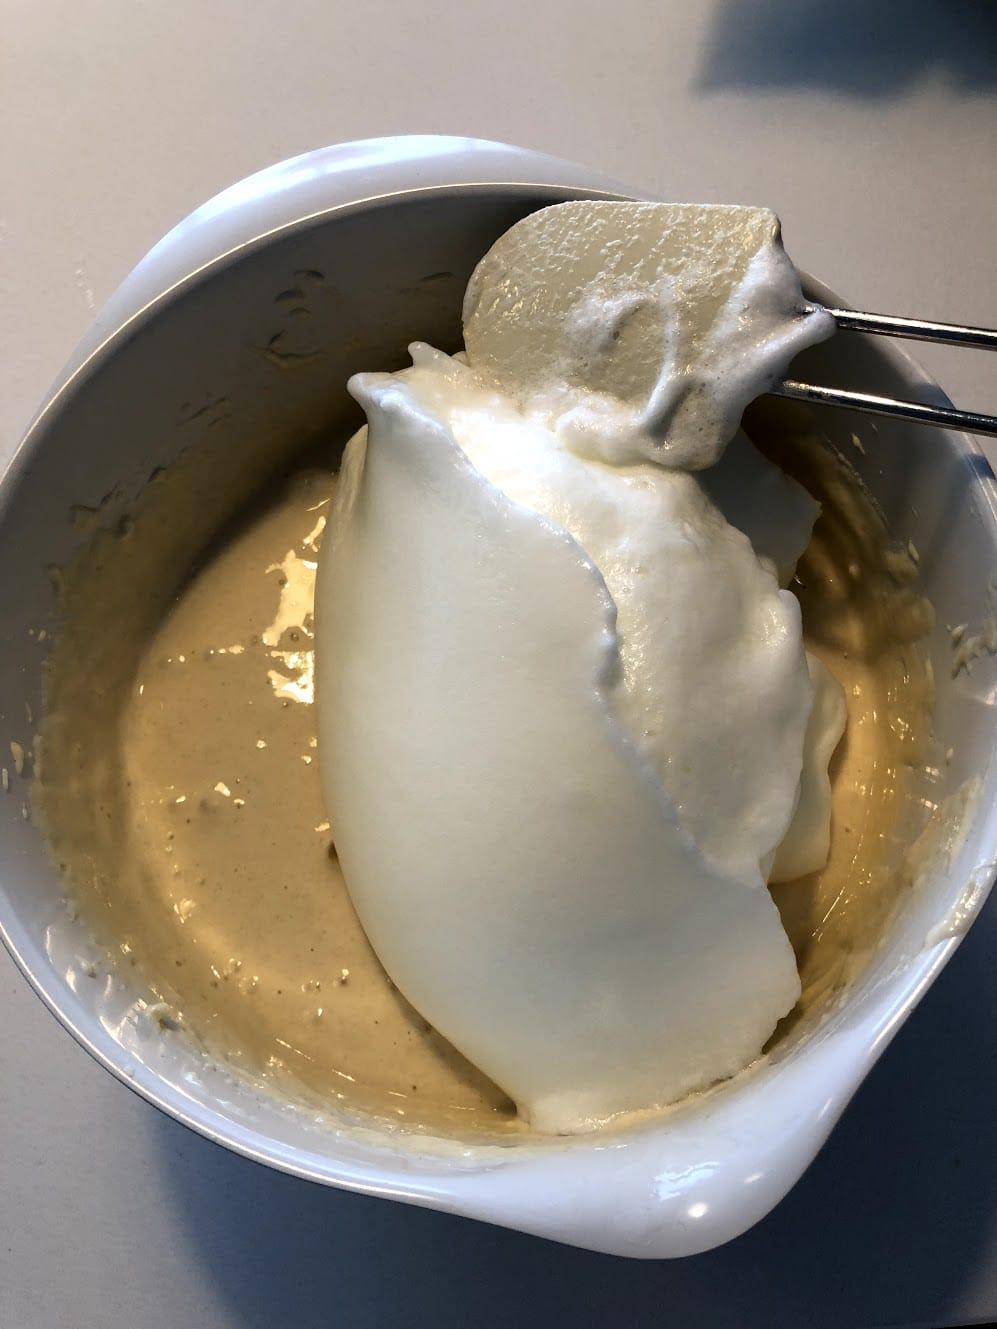 Æbleskiver opskrift på hjemmelavede æbleskiver sådan laver du en god opskrift gammeldags æble skiver